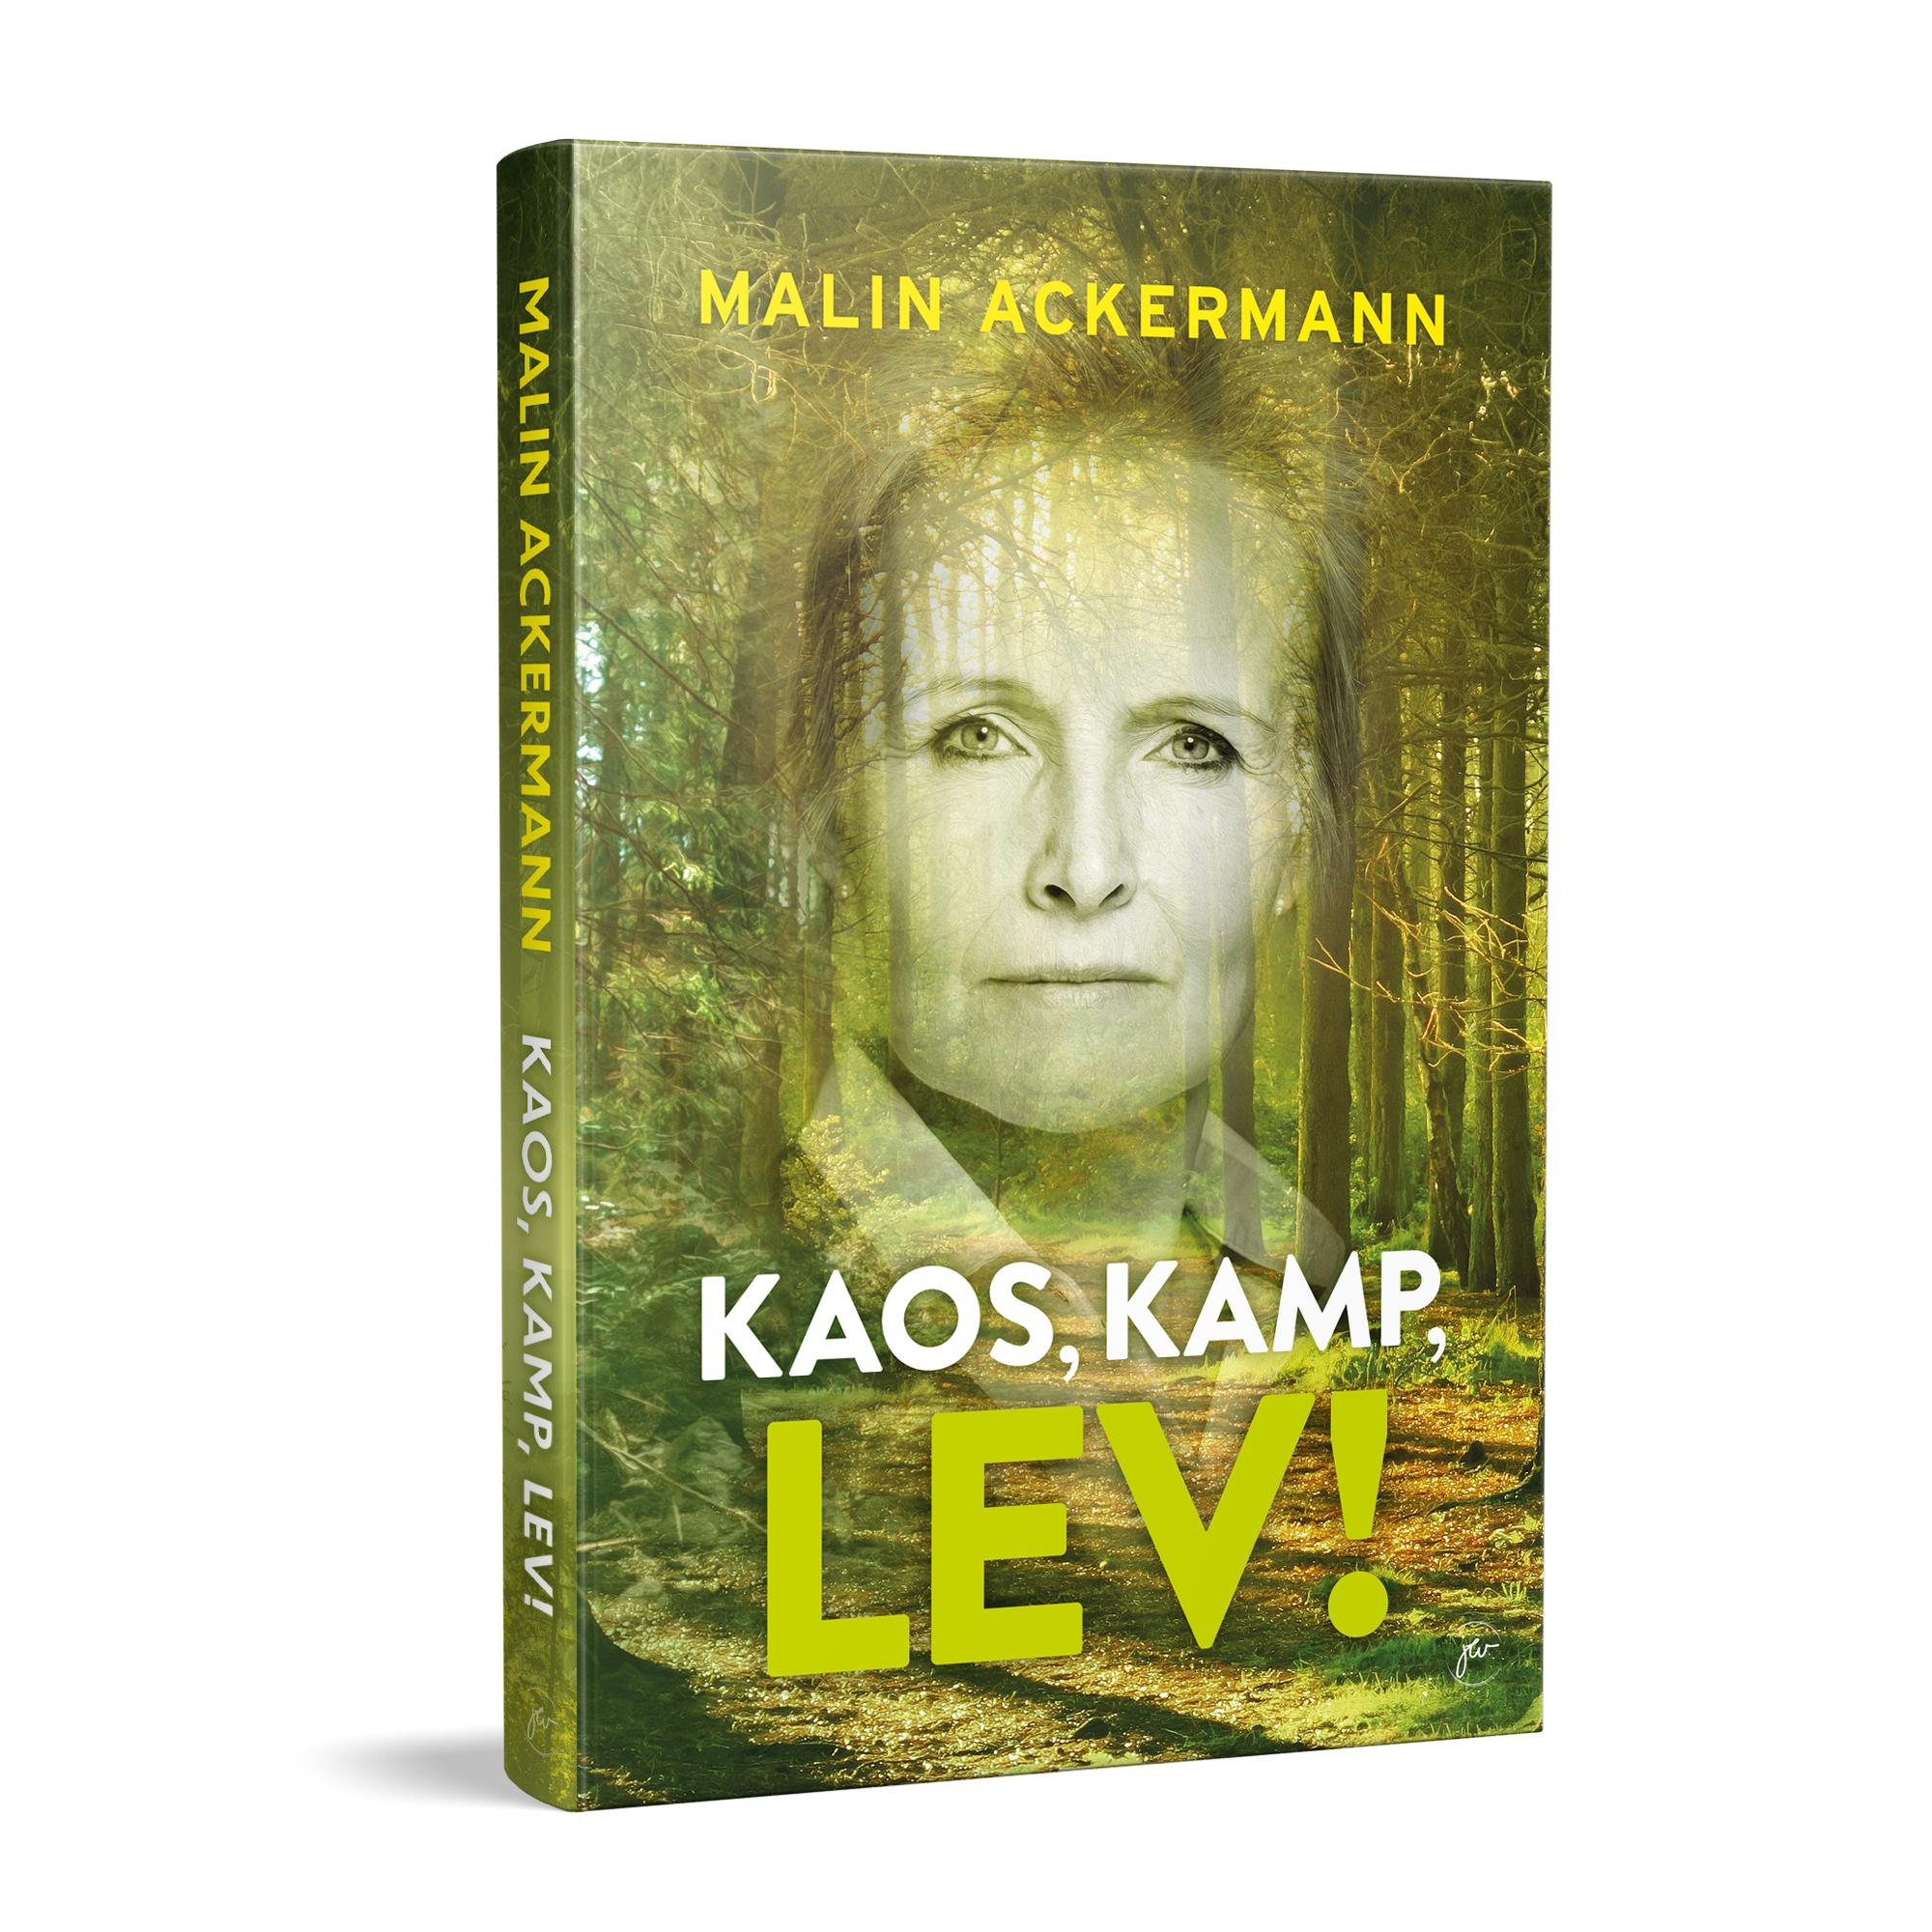 kaos, kamp, lev! - Malin Ackermann